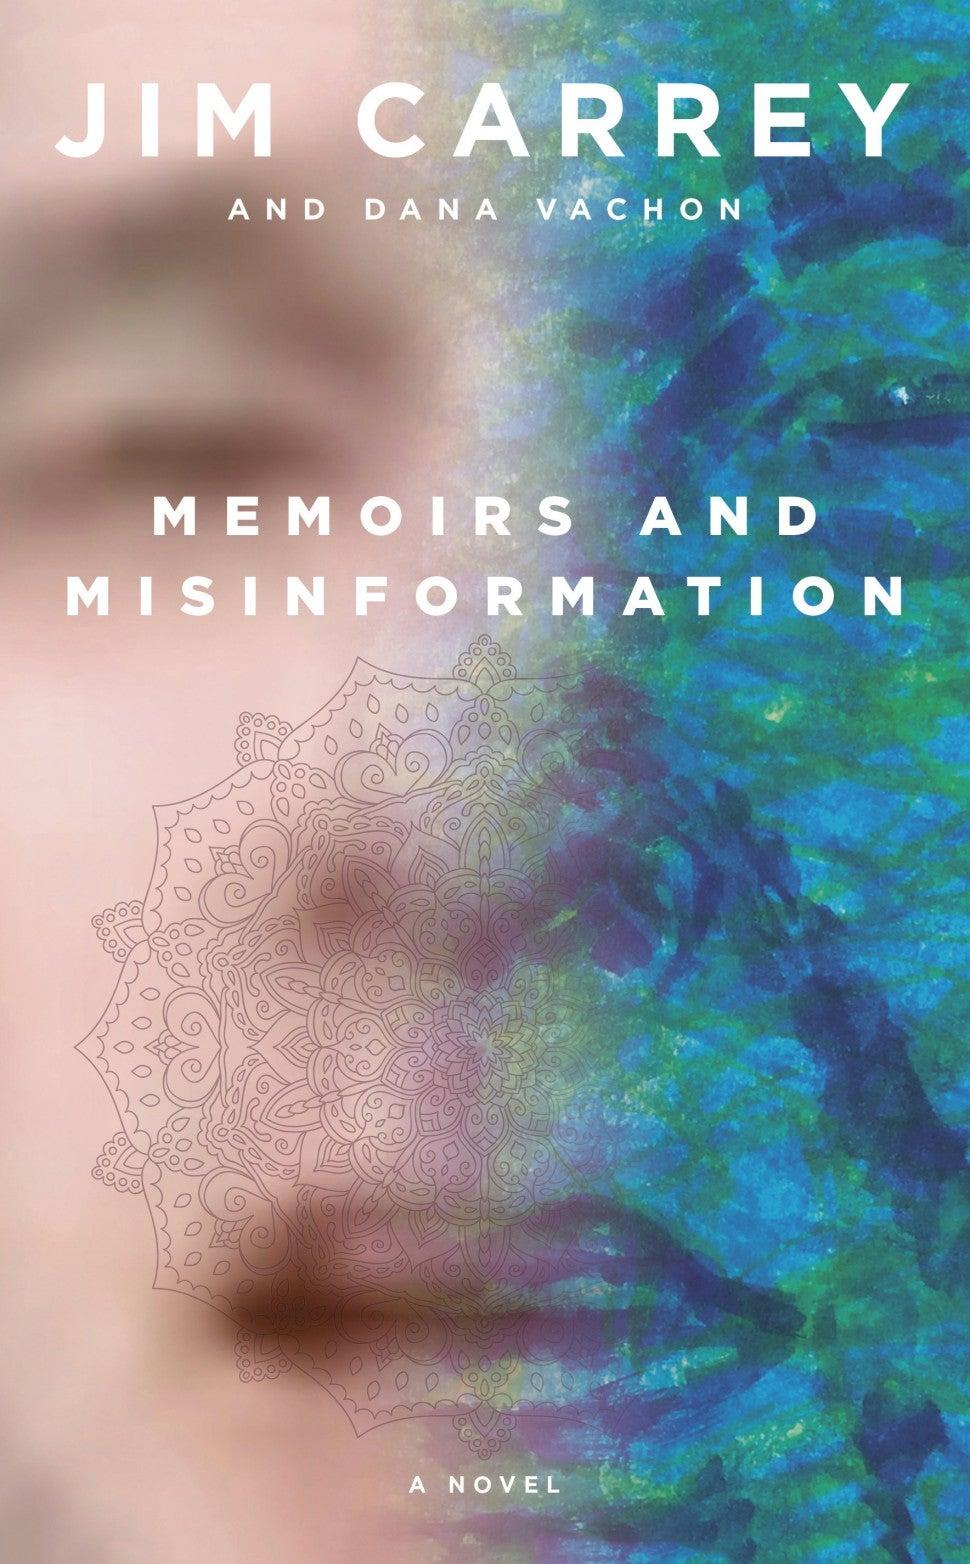 jim carrey book memoirs and misinformation